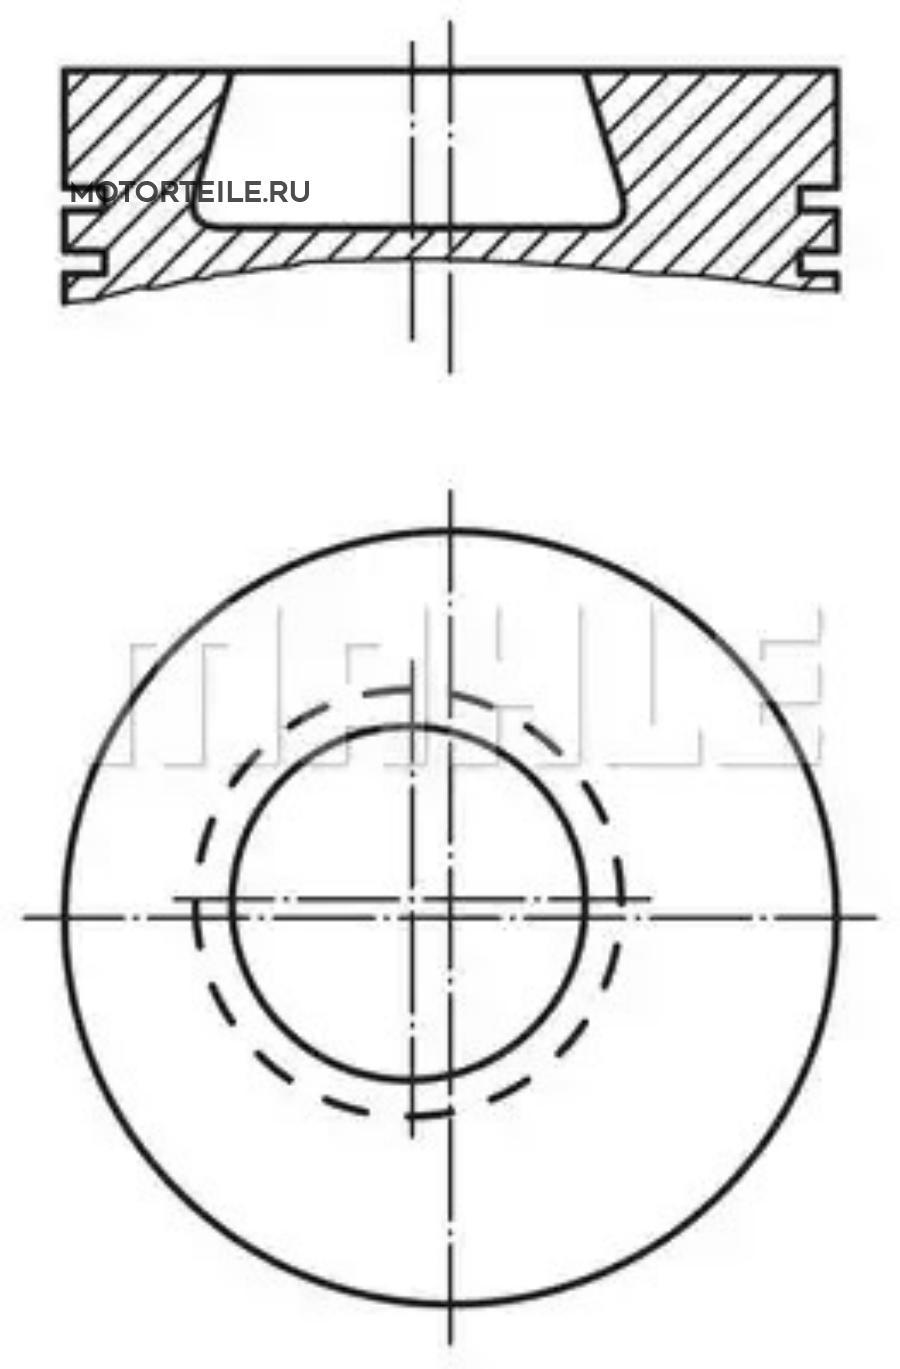 Поршнекомплект MB OM364 | OM366 d97.5 STD 1992->